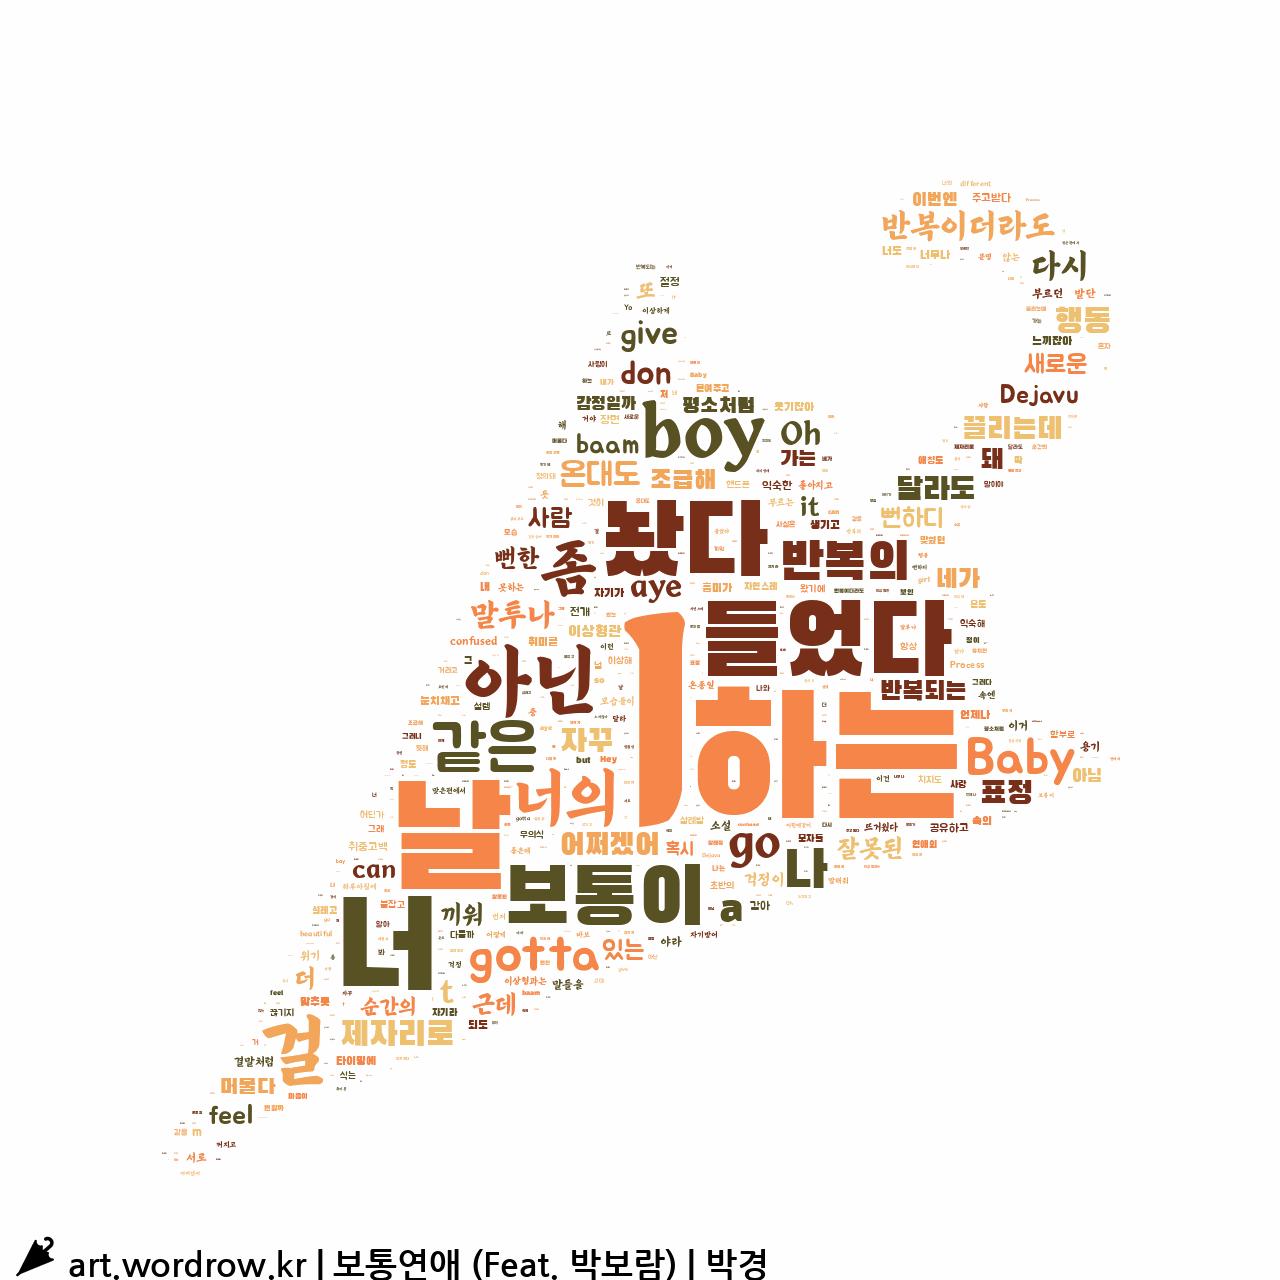 워드 클라우드: 보통연애 (Feat. 박보람) [박경]-8